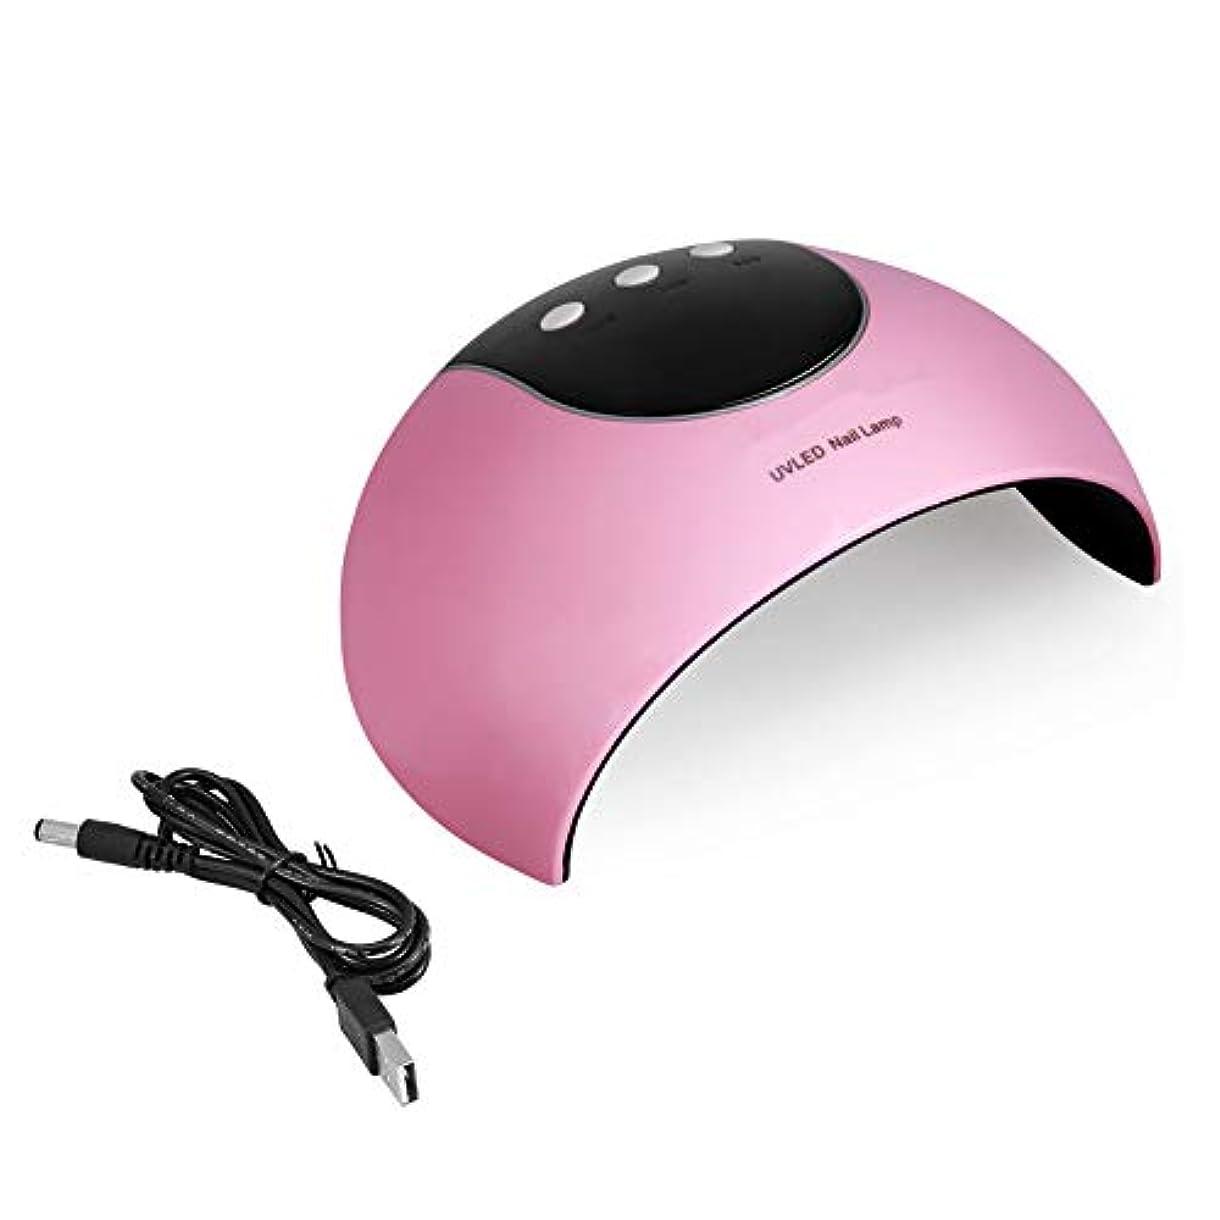 解放するジム吸収剤UVネイルランプ - 24W LEDネイルマニキュアランプネイルポリッシュドライヤーオートセンサーマシンネイルアートドライヤーピンク (色 : ピンク)